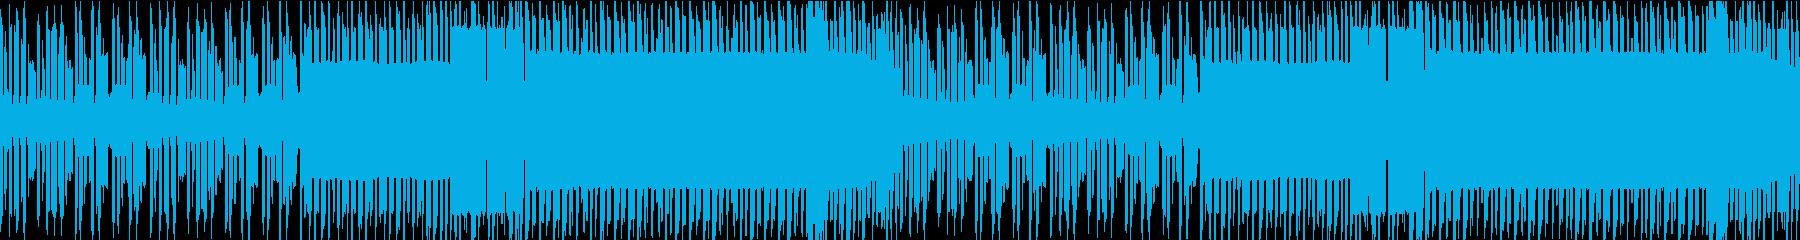 FC風ループ クレーターの要塞の再生済みの波形